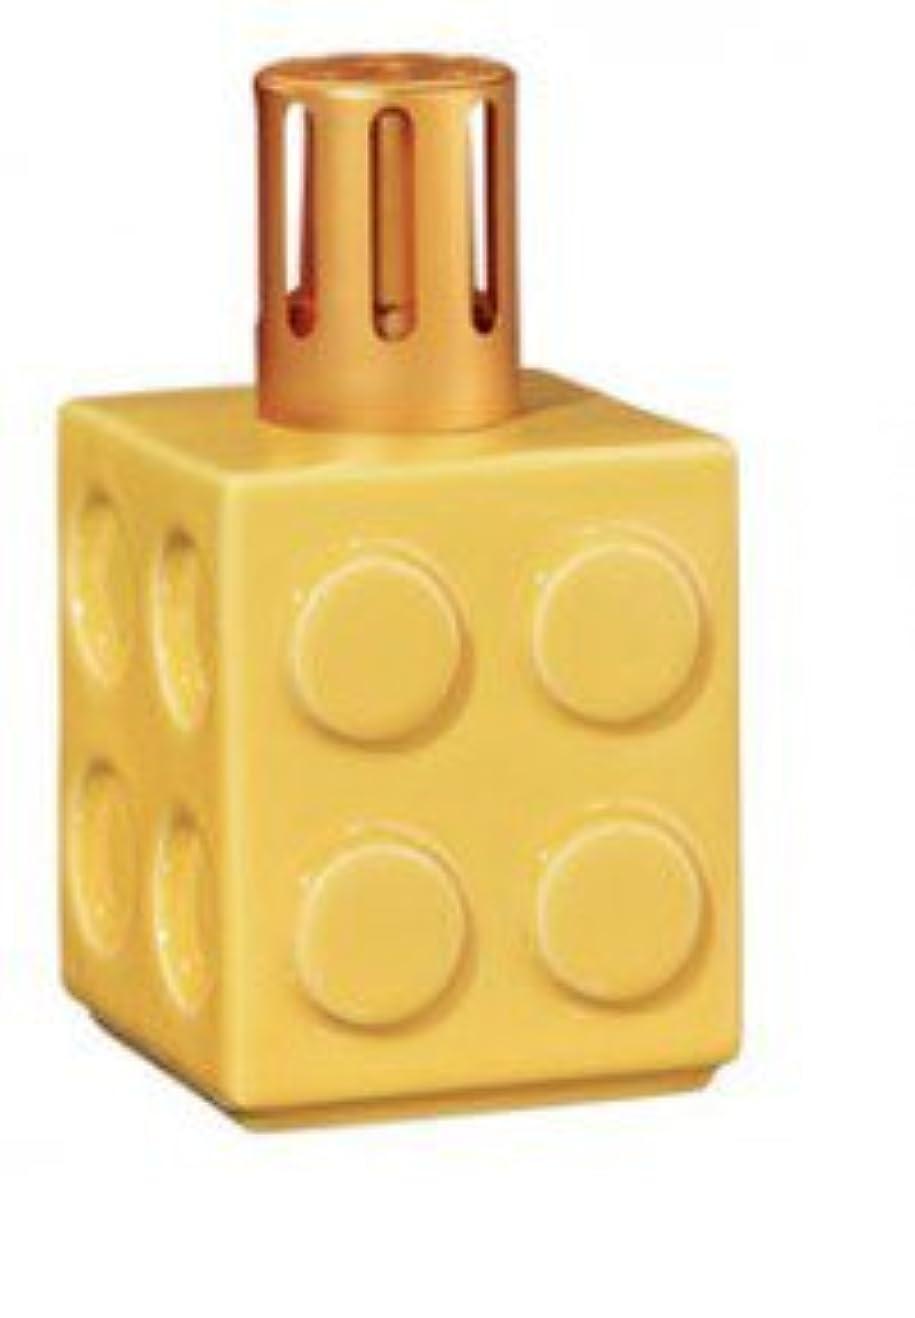 けん引一晩代替案ランプベルジェ?ランプ Play Berger Yellow